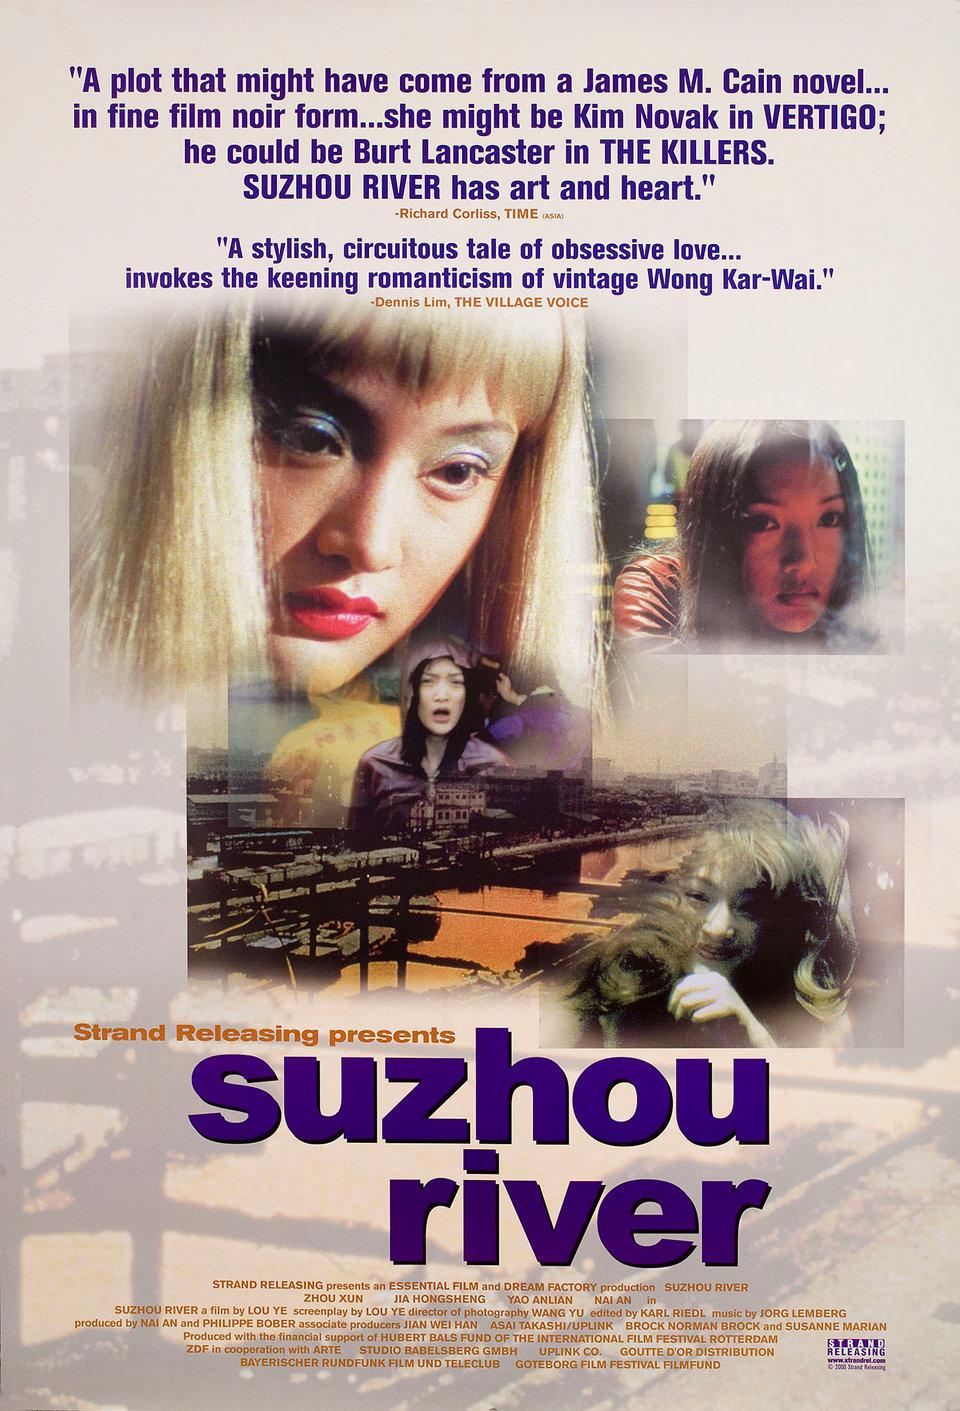 Suzhou River 2000 U.S. One Sheet Poster